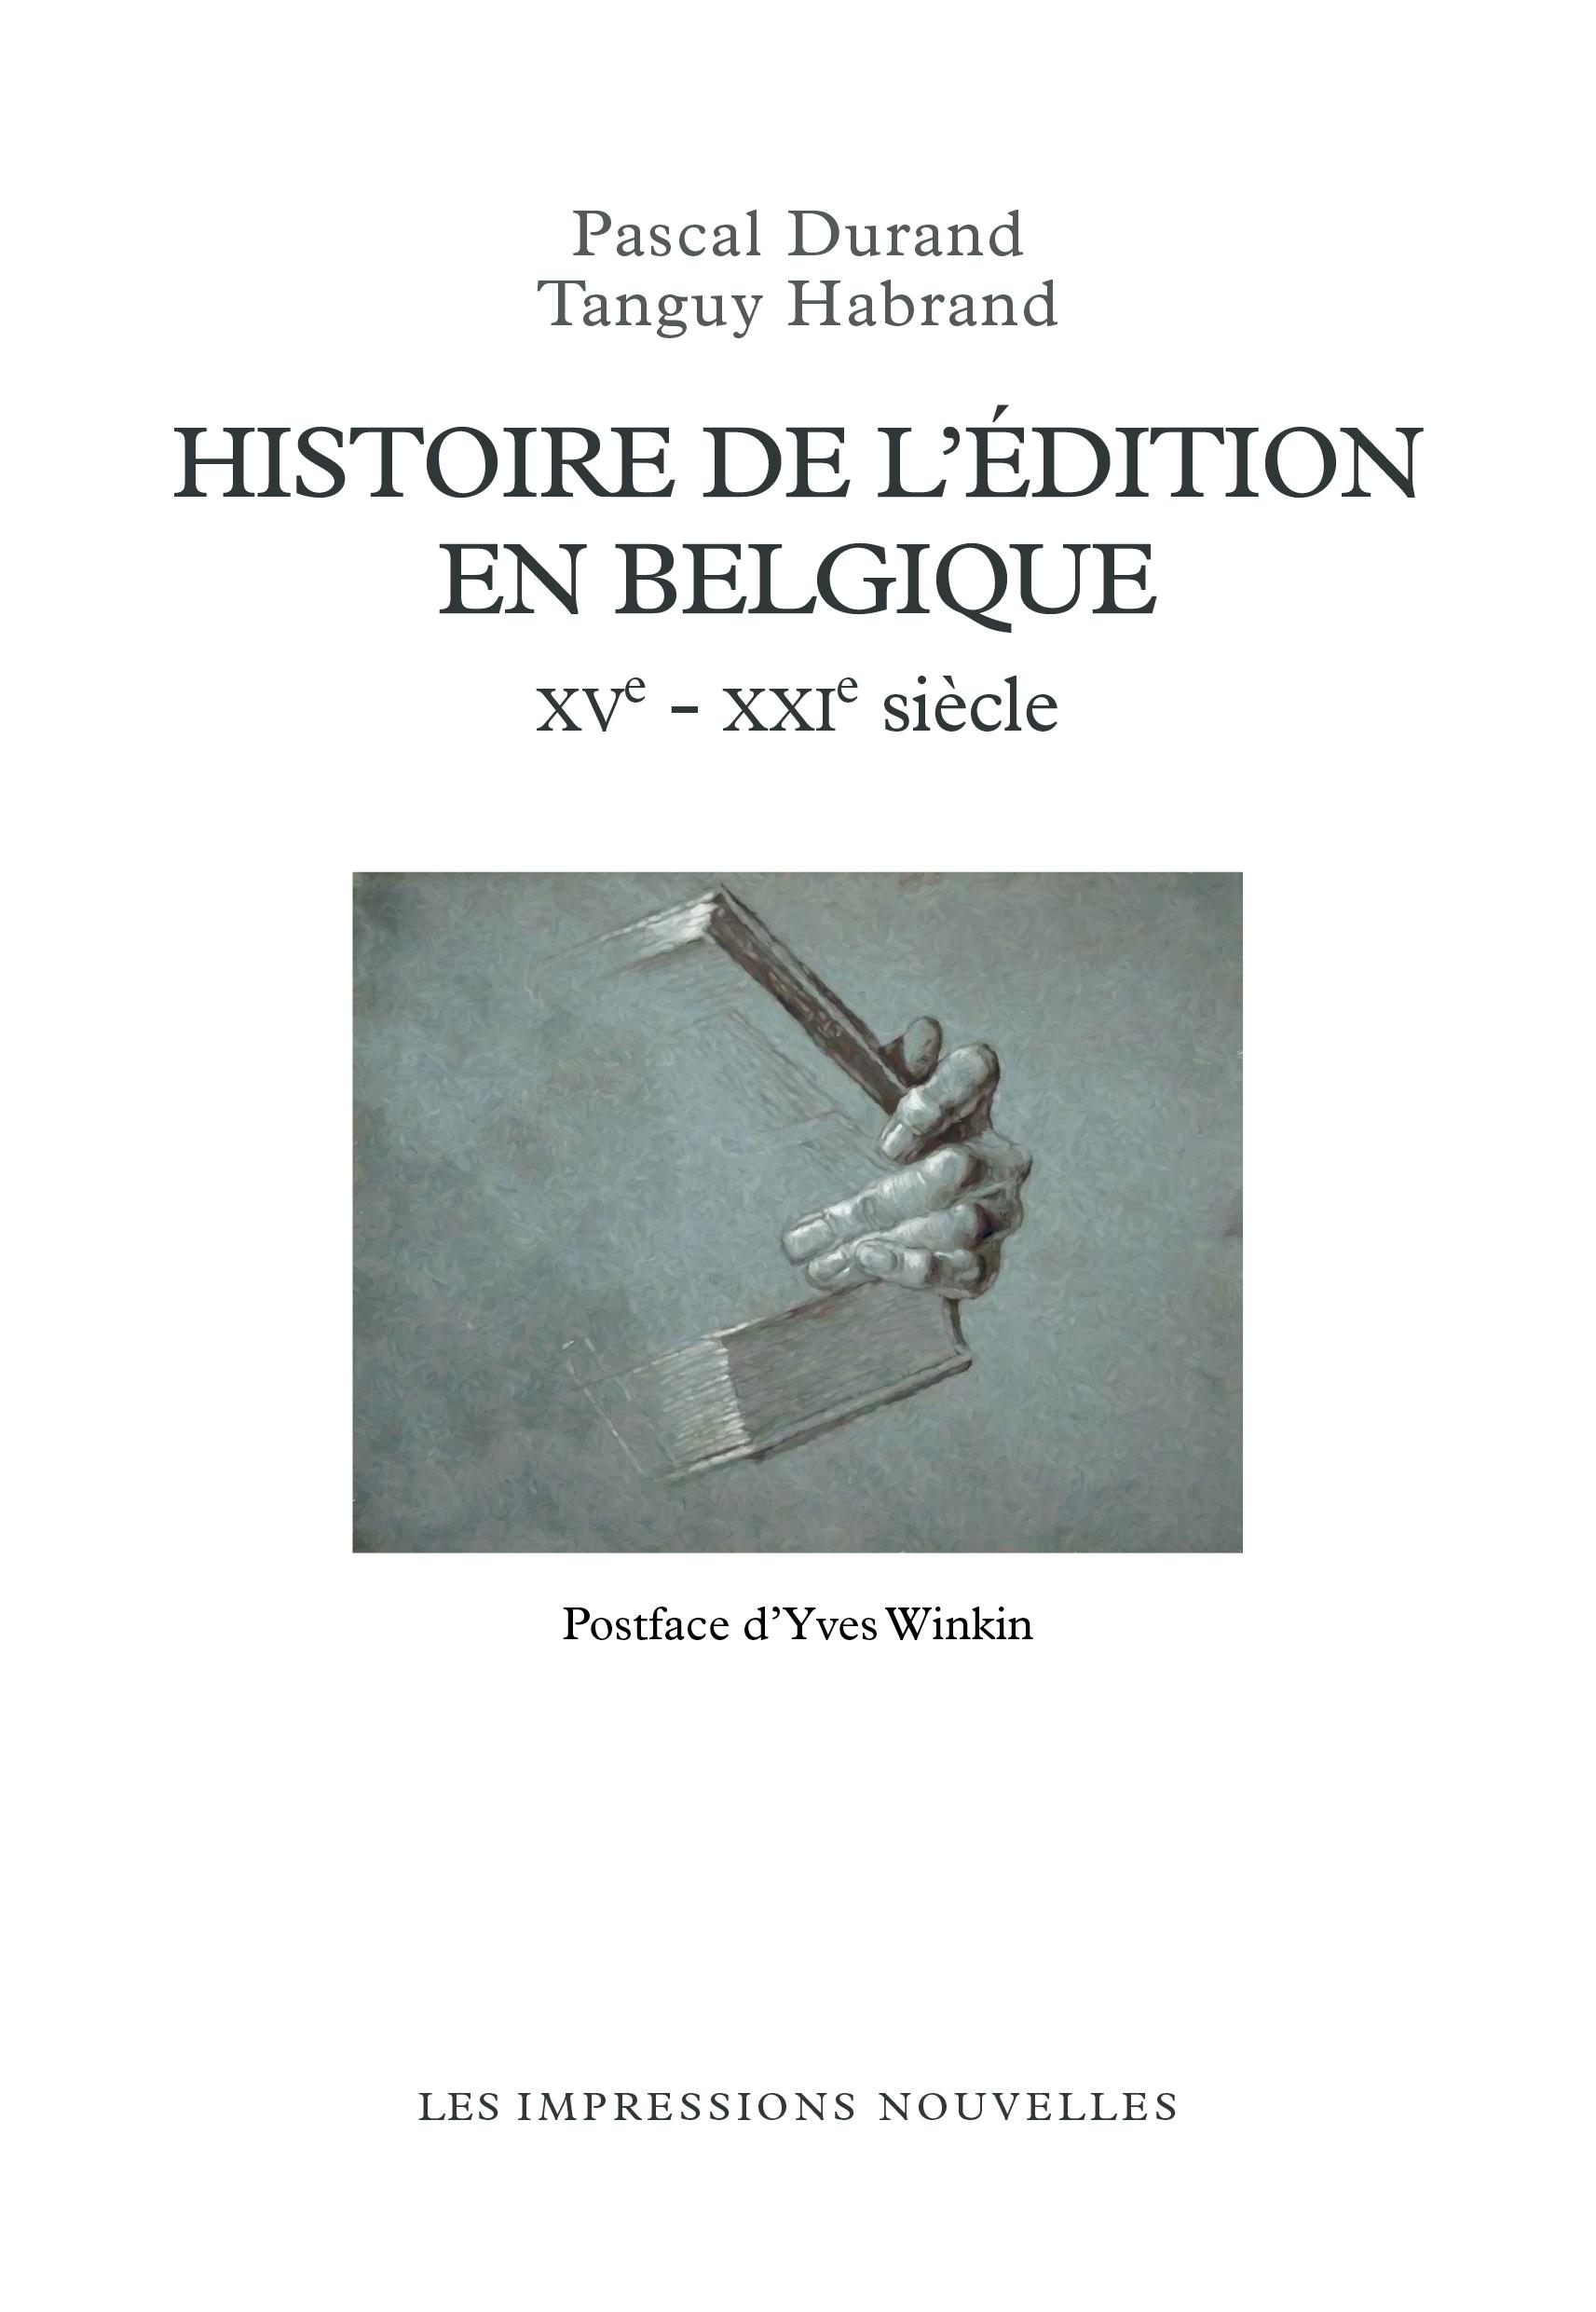 Histoire de l'édition en Be...